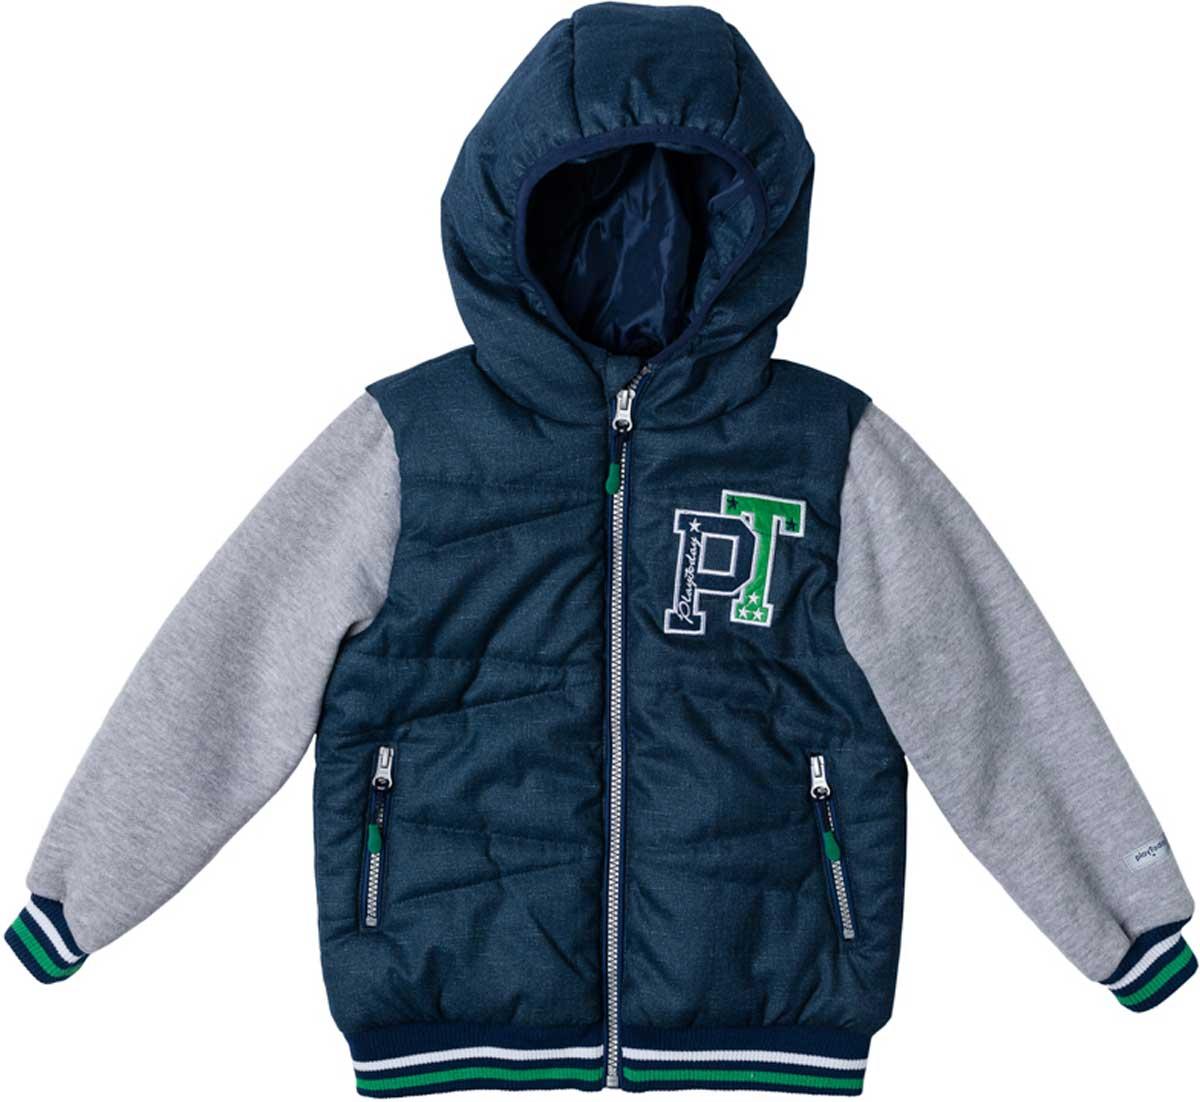 Куртка для мальчика PlayToday, цвет: темно-синий, синий, зеленый. 171002. Размер 128171002Эффектная утепленная куртка с капюшоном на молнии прекрасно подойдет вашему ребенку в прохладную погоду. Специальный карман для фиксации застежки-молнии не позволит застежке травмировать нежную кожу ребенка. Даже у самого активного ребенка капюшон не спадет с головы за счет удобной мягкой резинки. Наличие светоотражателя на подоле позволит видеть вашего ребенка в темное время суток. За счет рукавов из текстиля с начесом, такая куртка будет уместна и в прохладную погоду. Куртка украшена яркой аппликацией.